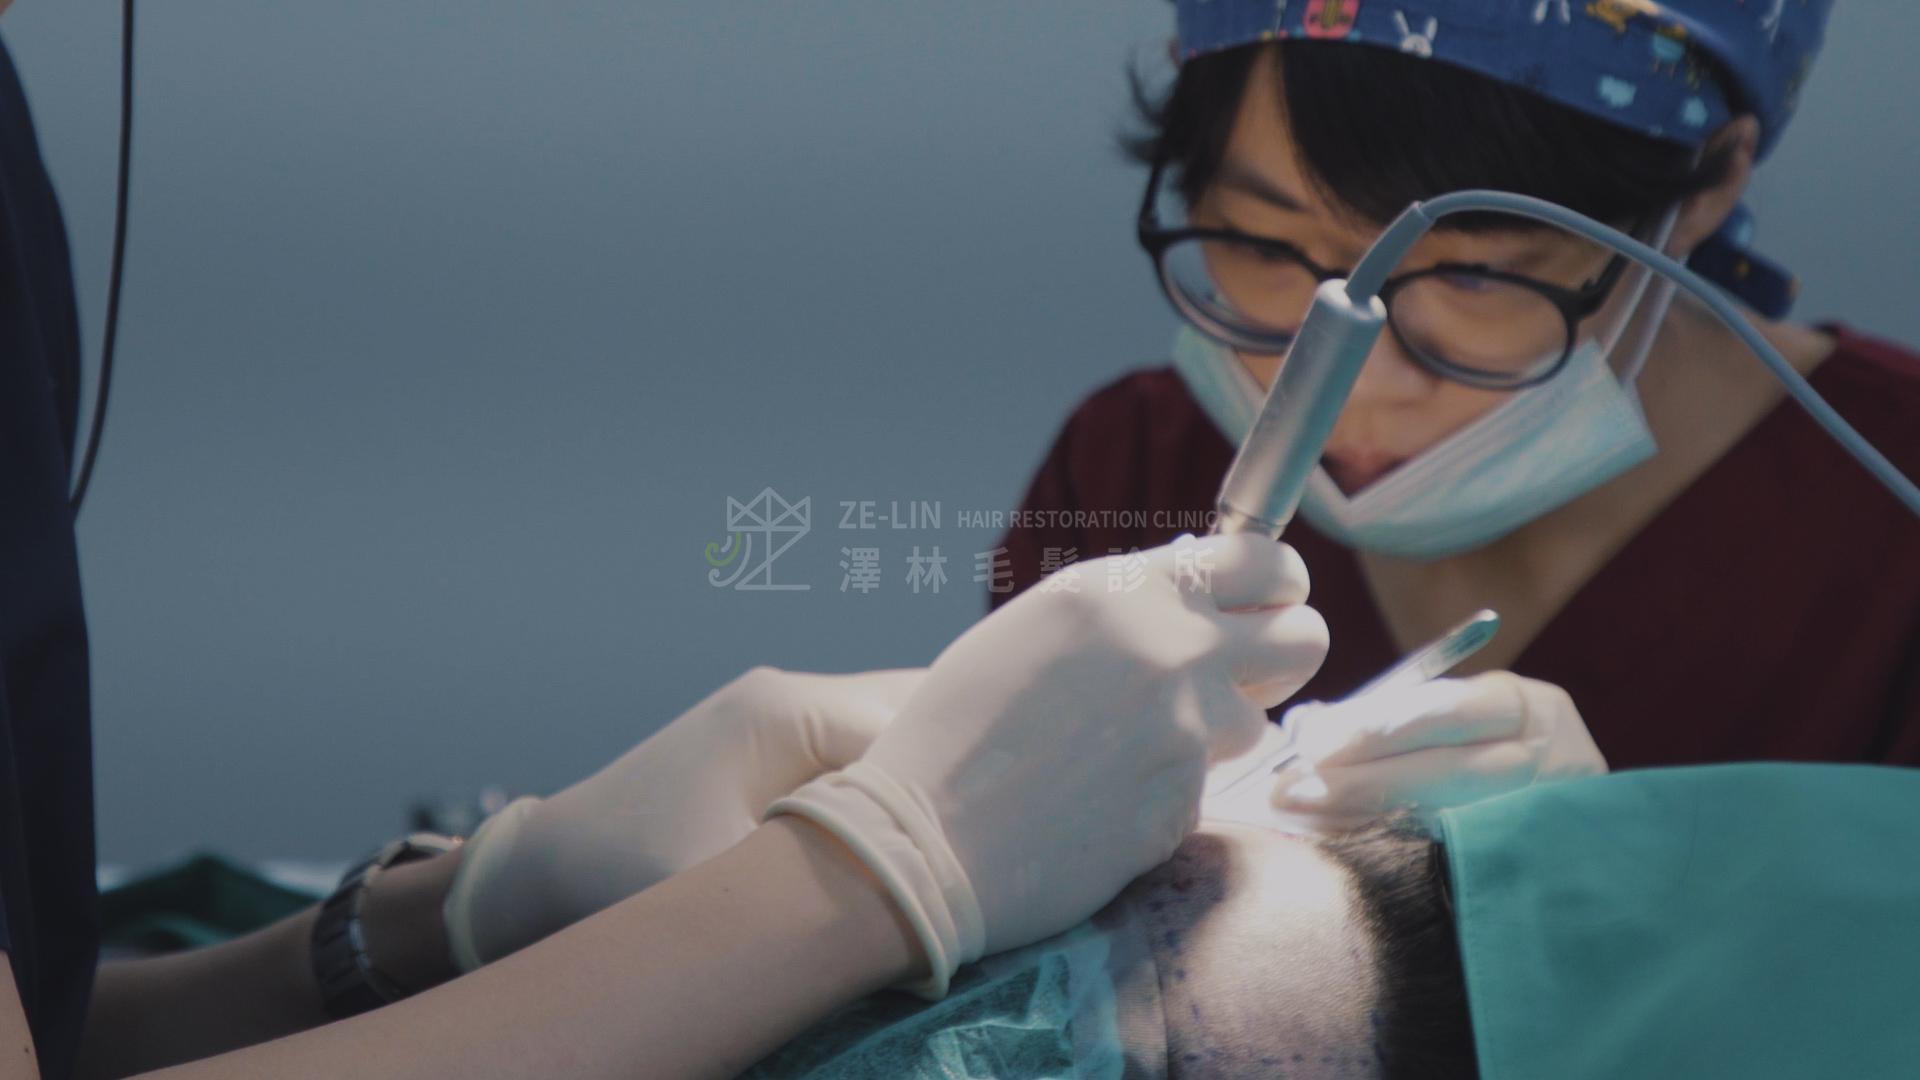 澤林毛髮診所FUE植髮手術鑽取